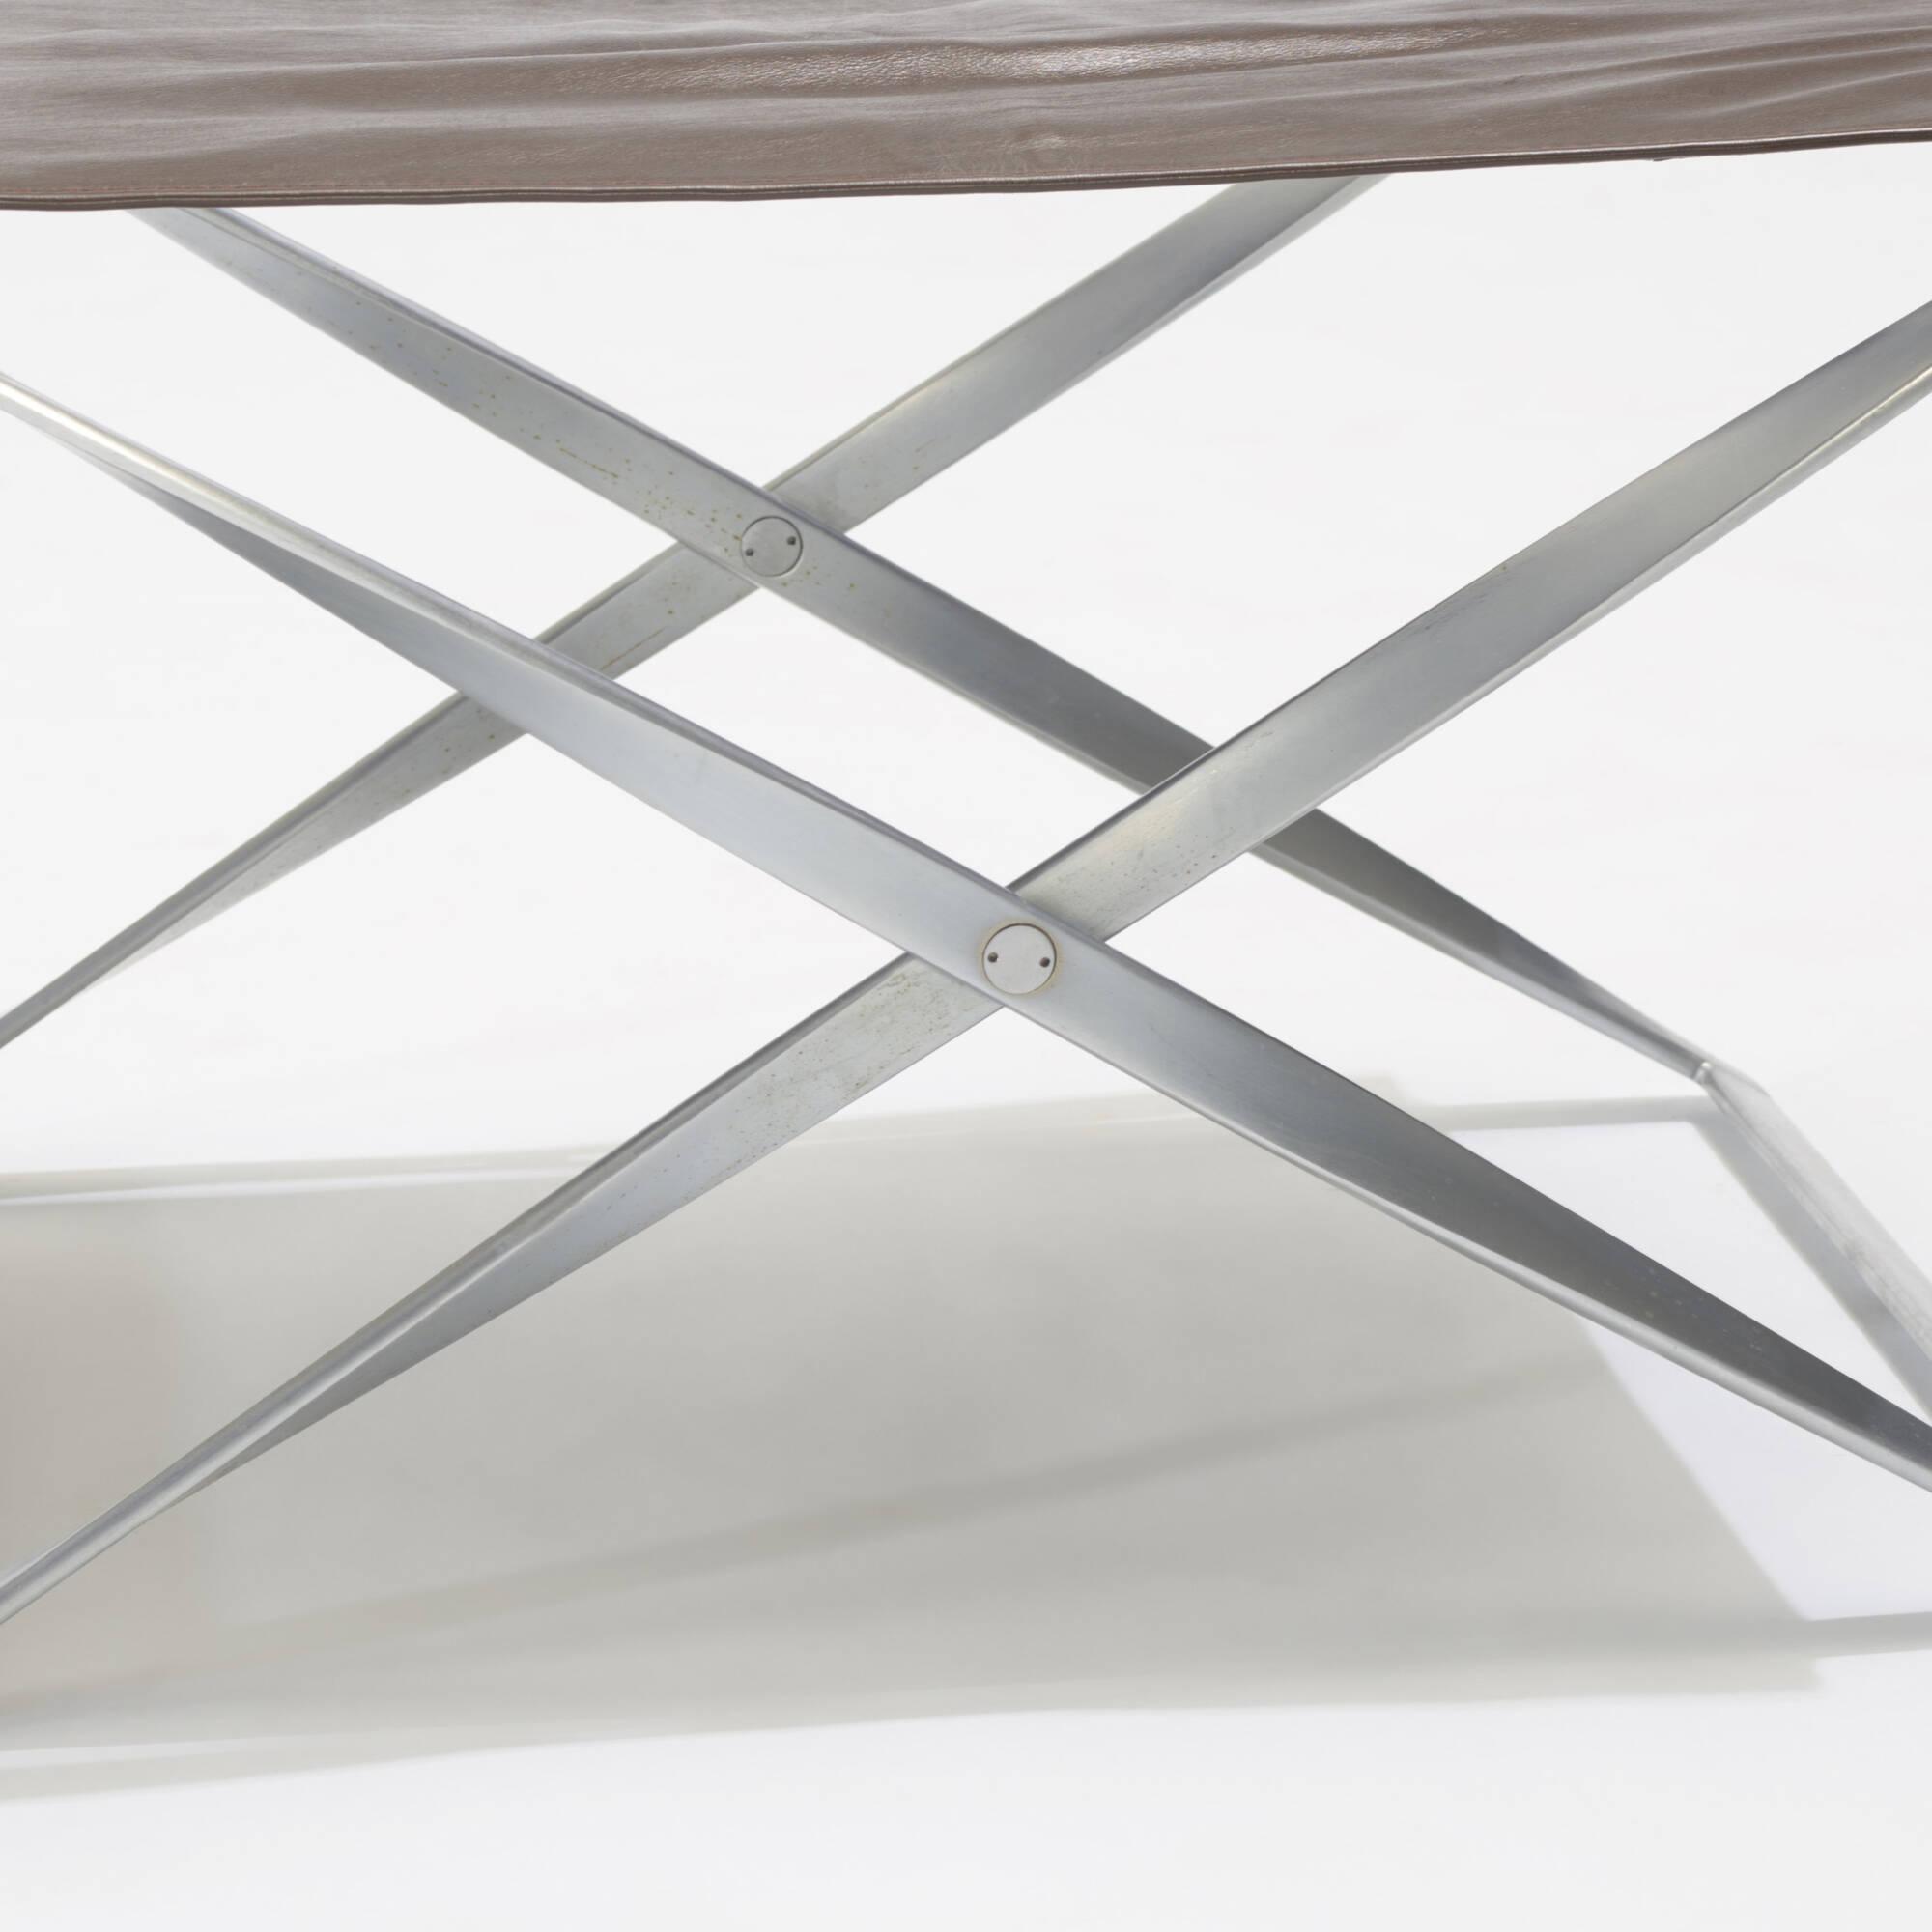 127: Poul Kjaerholm / PK 91 stool (2 of 2)